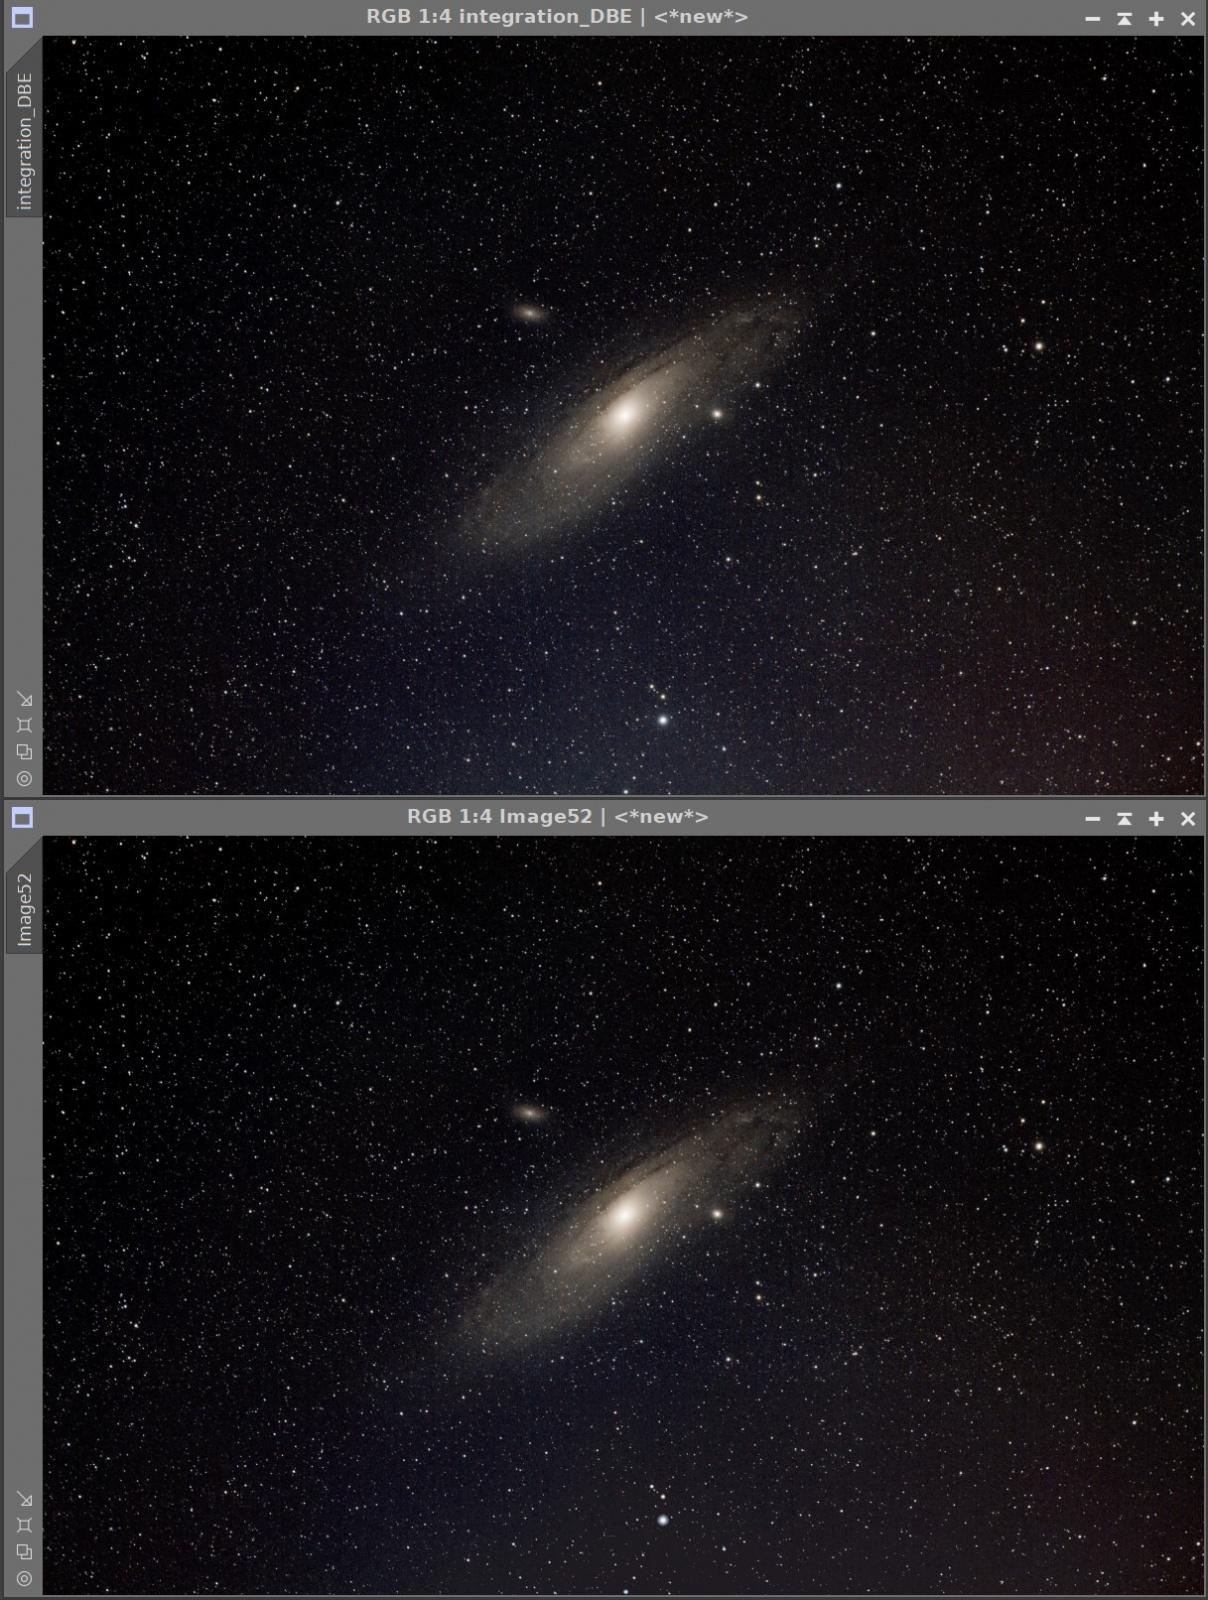 gradient.thumb.jpg.8556b482b51a91b0f0143ef4f0f95612.jpg